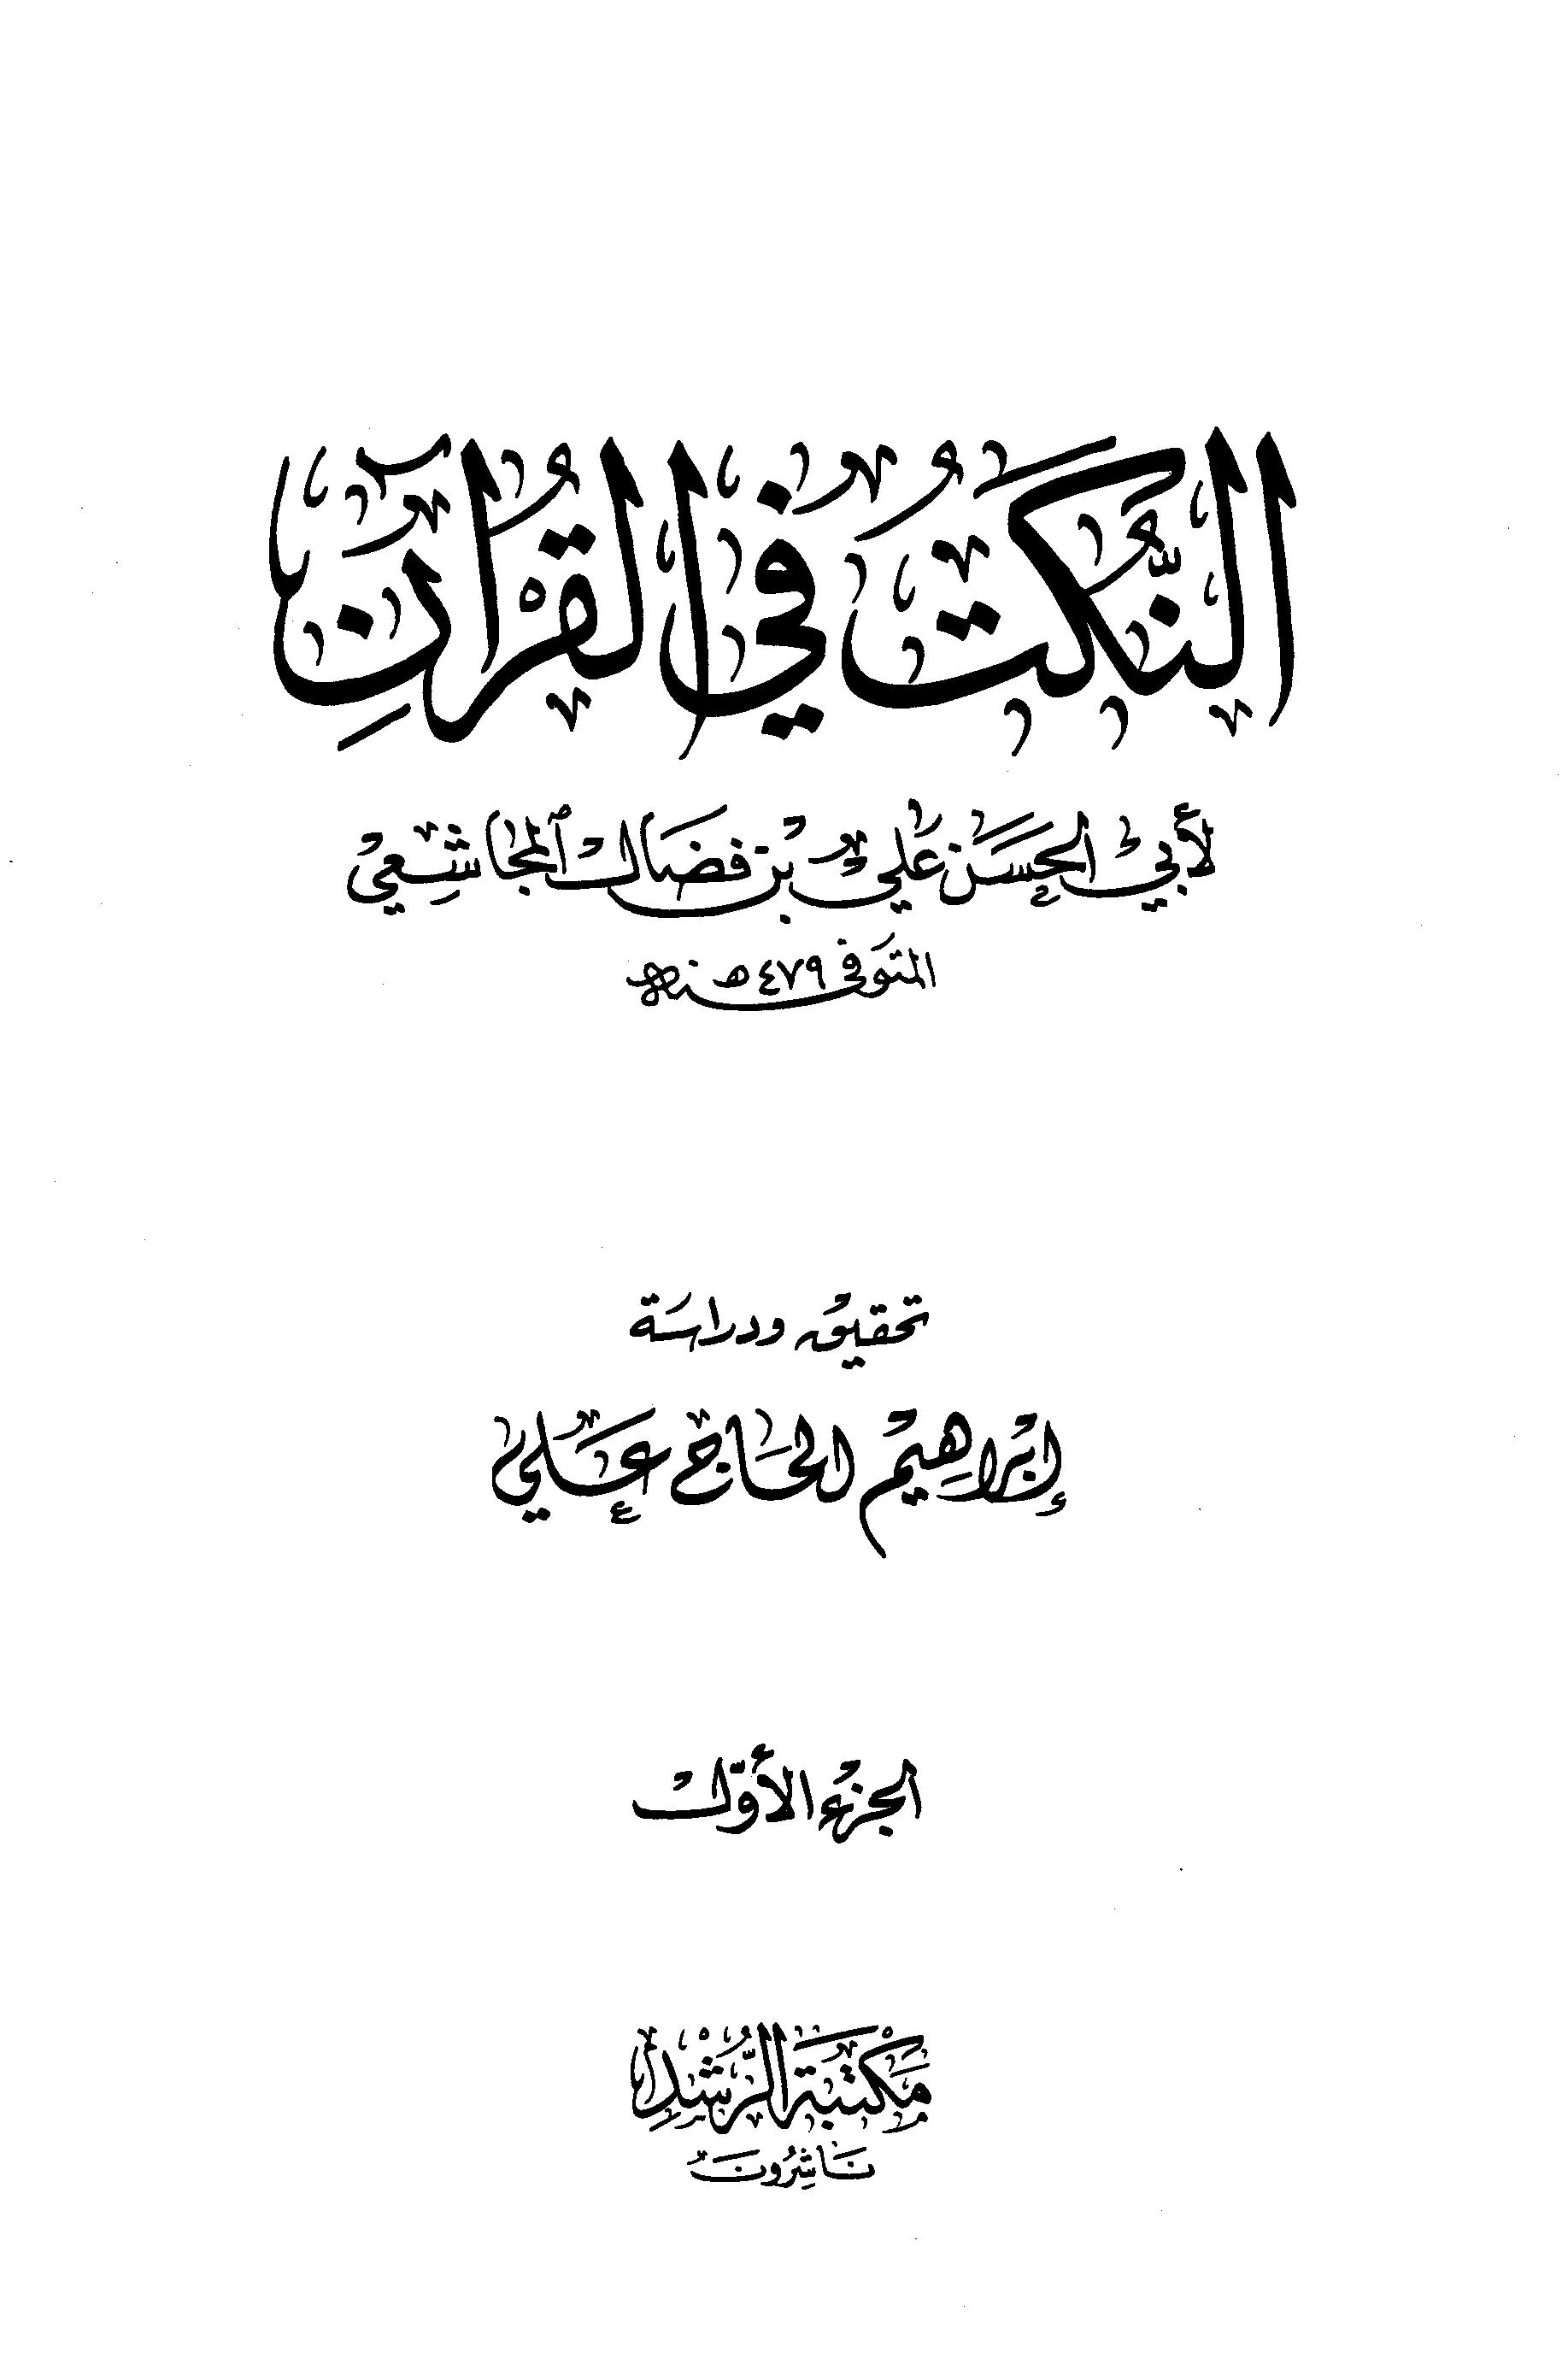 تحميل كتاب النكت في القرآن (ت. الحاج علي) لـِ: الإمام أبو الحسن علي بن فضال المجاشعي (ت 479)